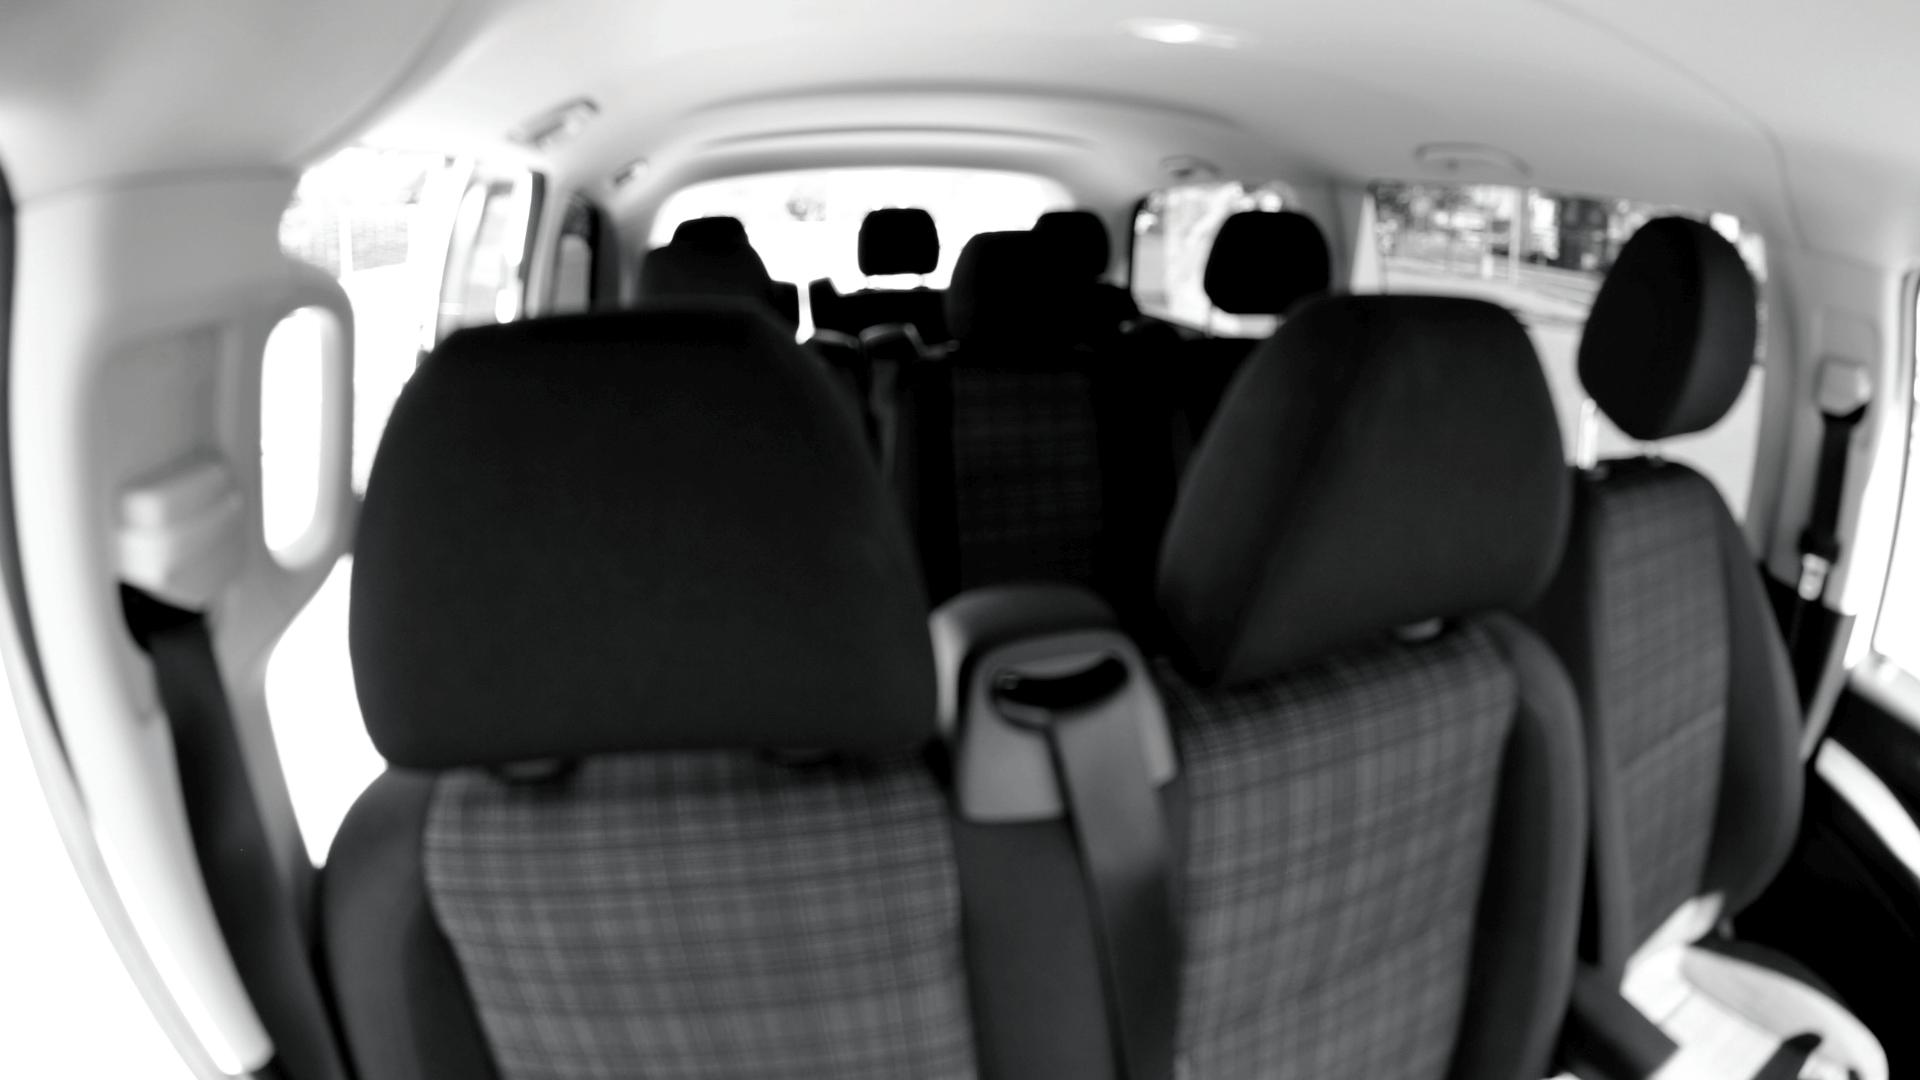 hire-a-car-mercedes-sitze in schwarz weiss